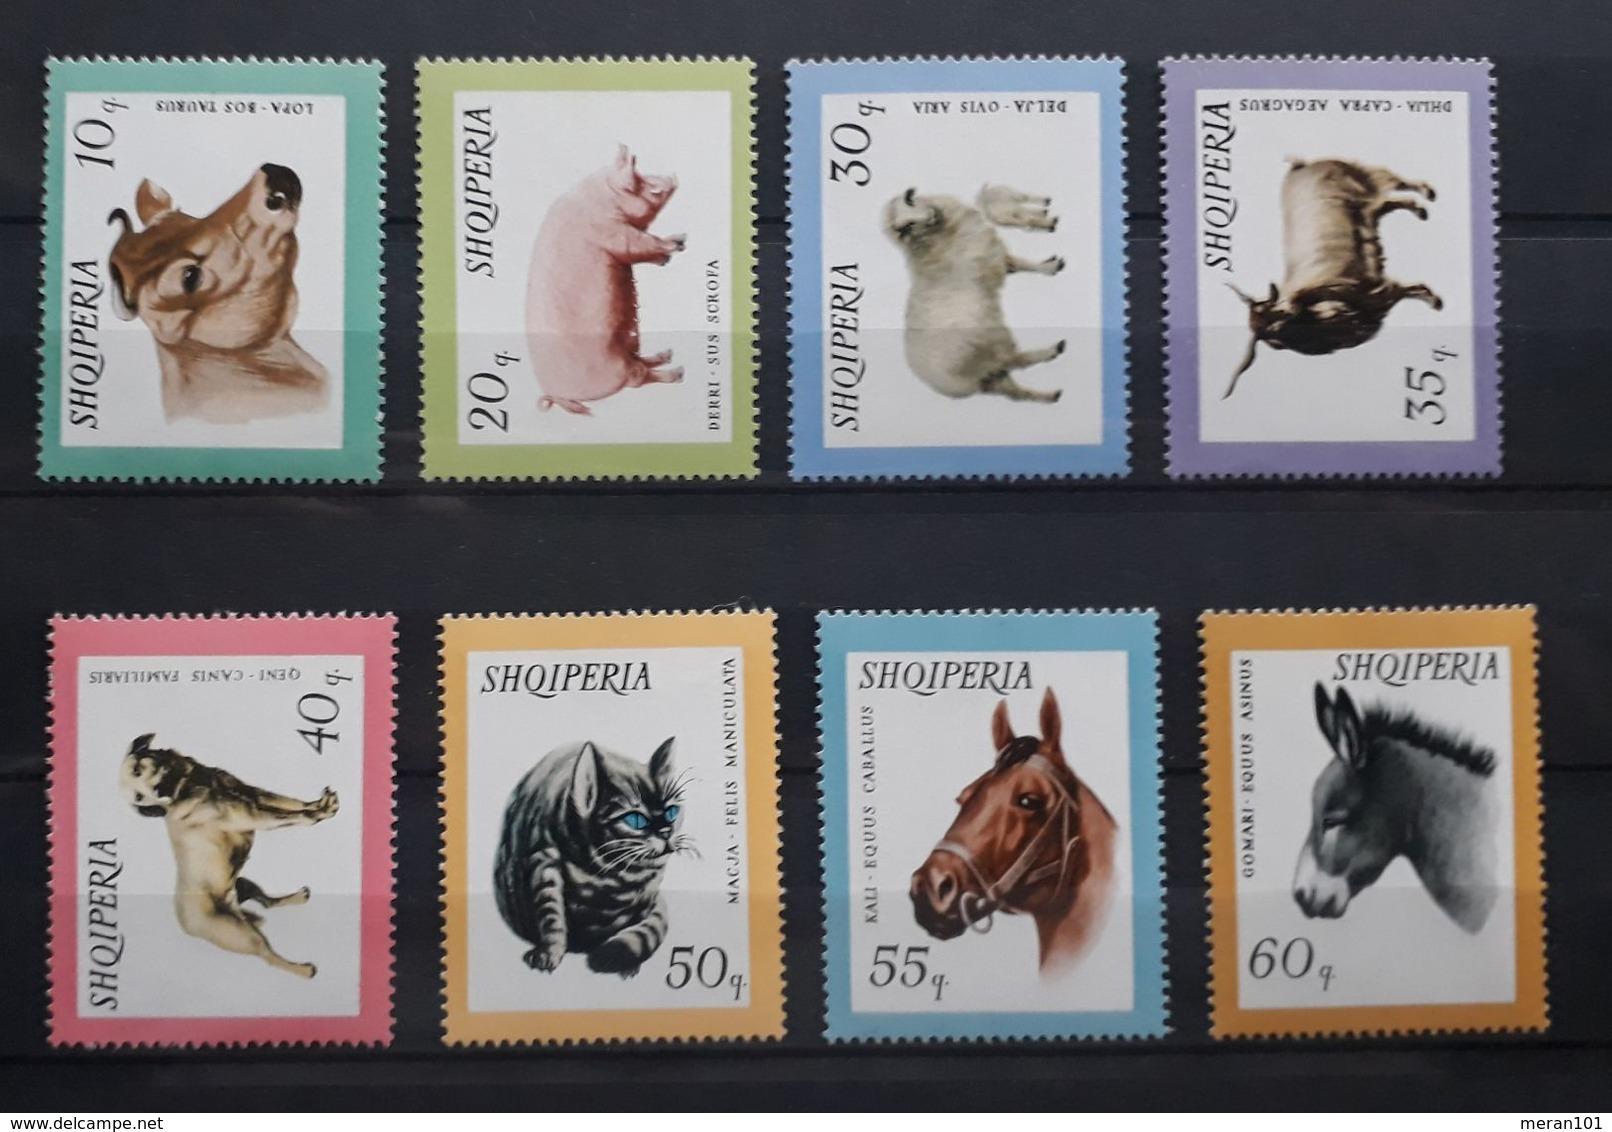 Albanien 1966, Mi 1028-35 MNH Postfrisch - Albanie